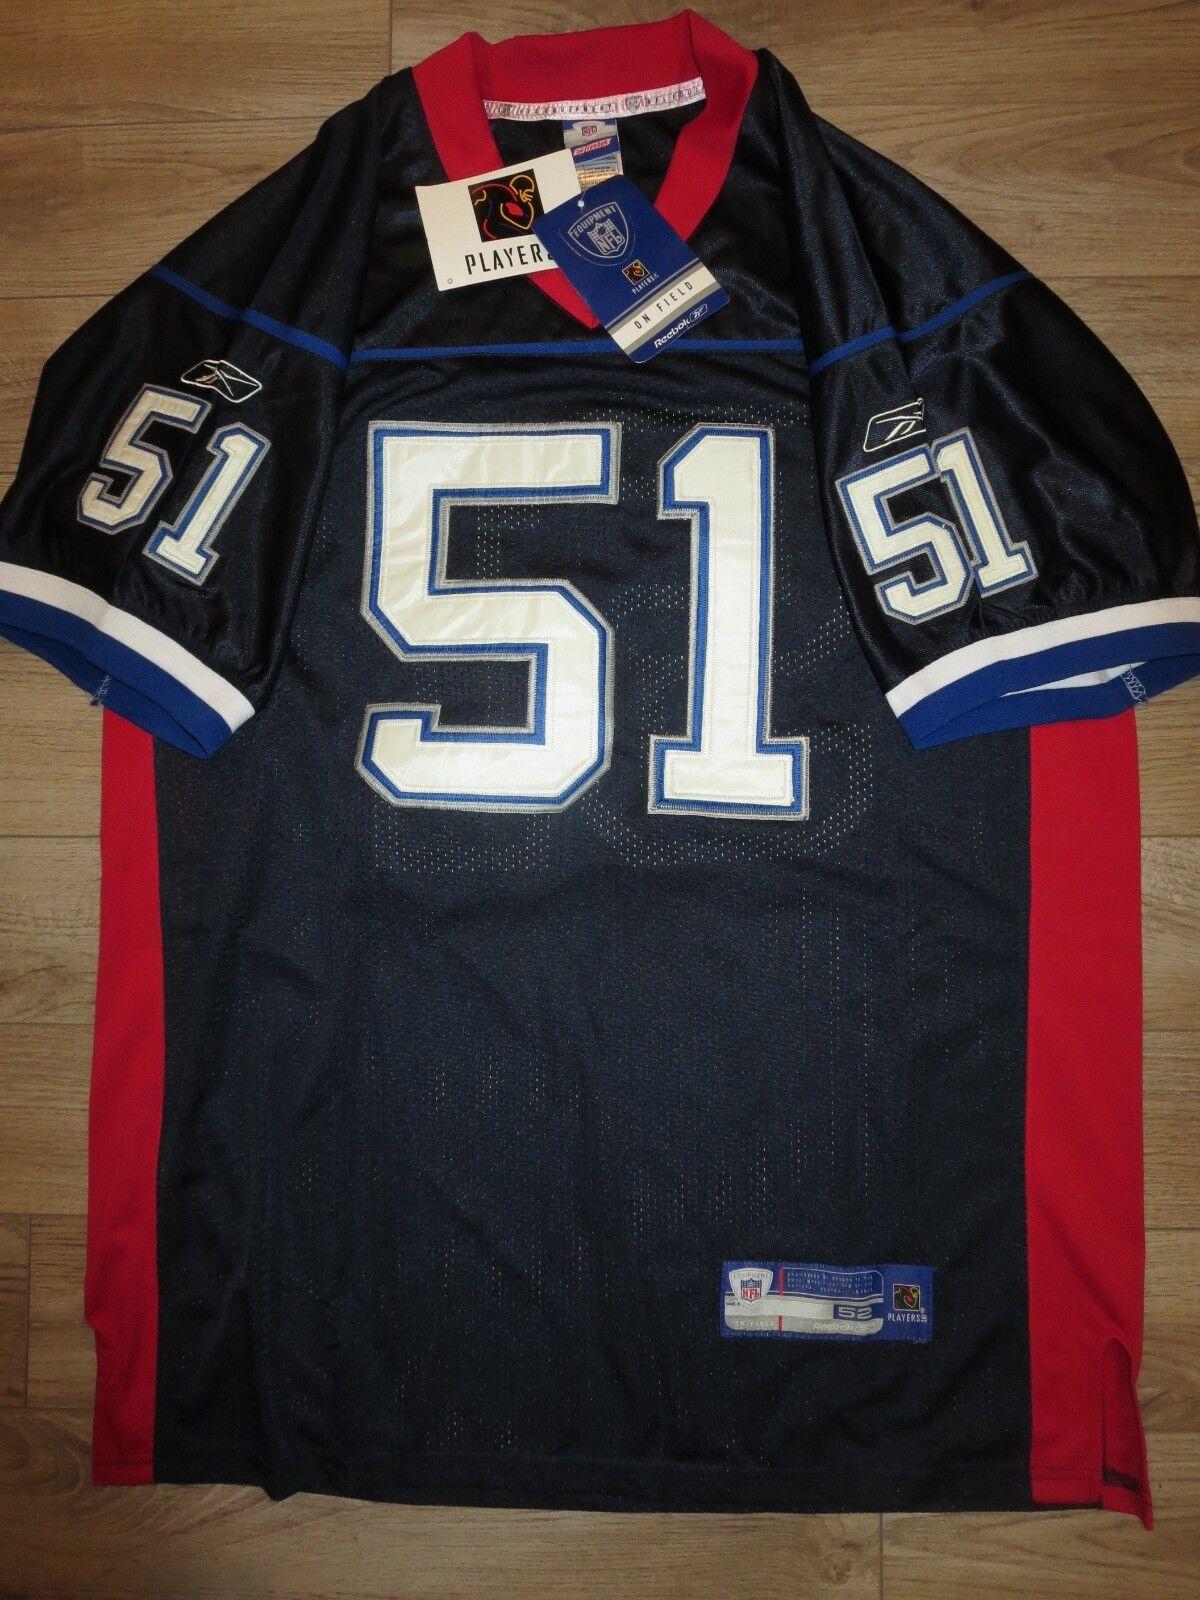 Takeo Spikes  51 Buffalo Bills NFL Reebok Trikot 52  | Sehr gelobt und vom Publikum der Verbraucher geschätzt